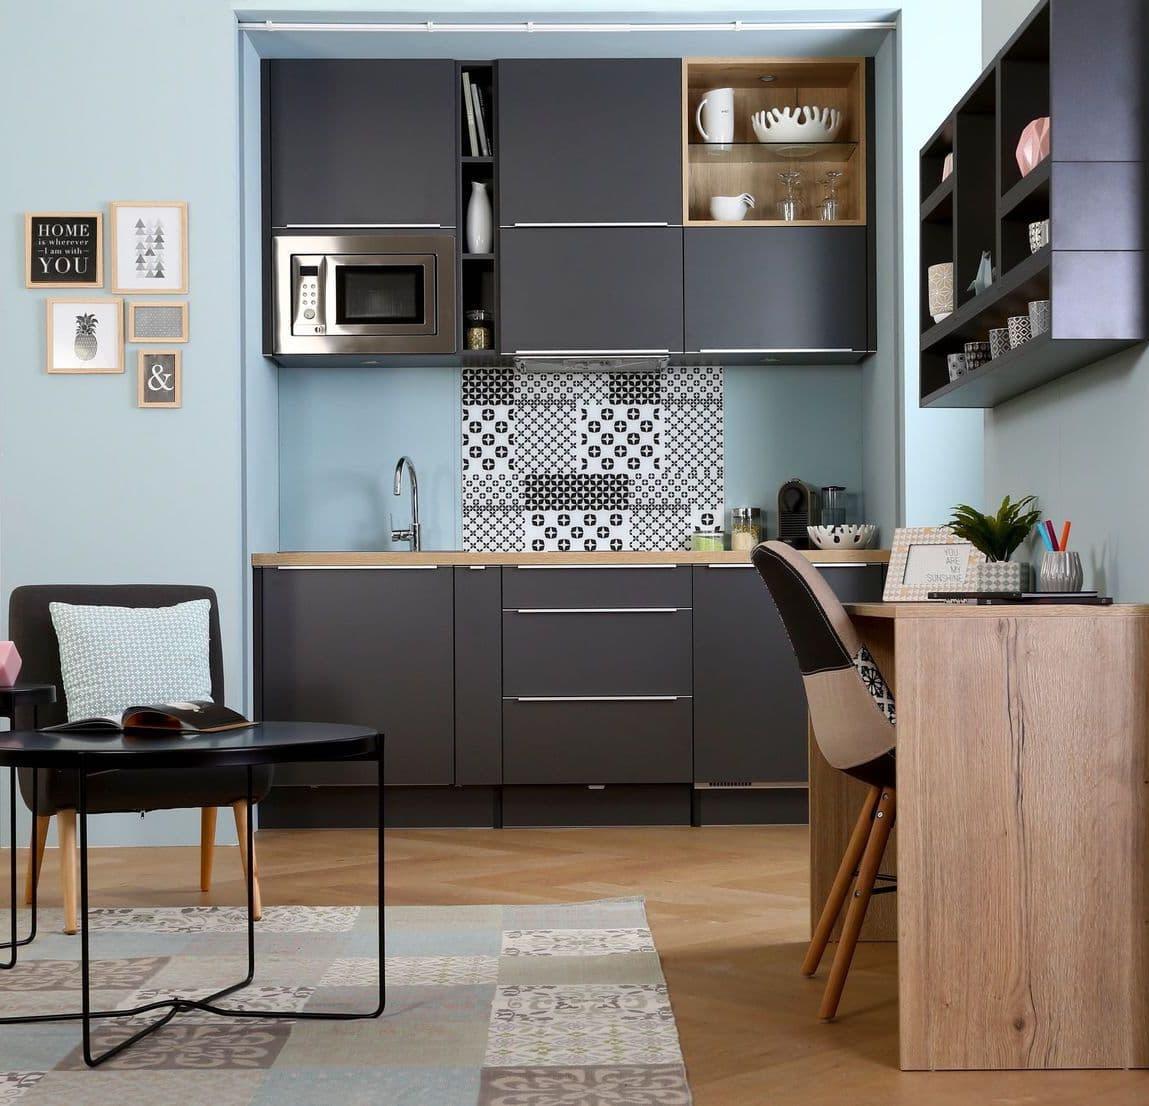 Как видите организовать полноценную кухню можно даже в очень маленьком пространстве